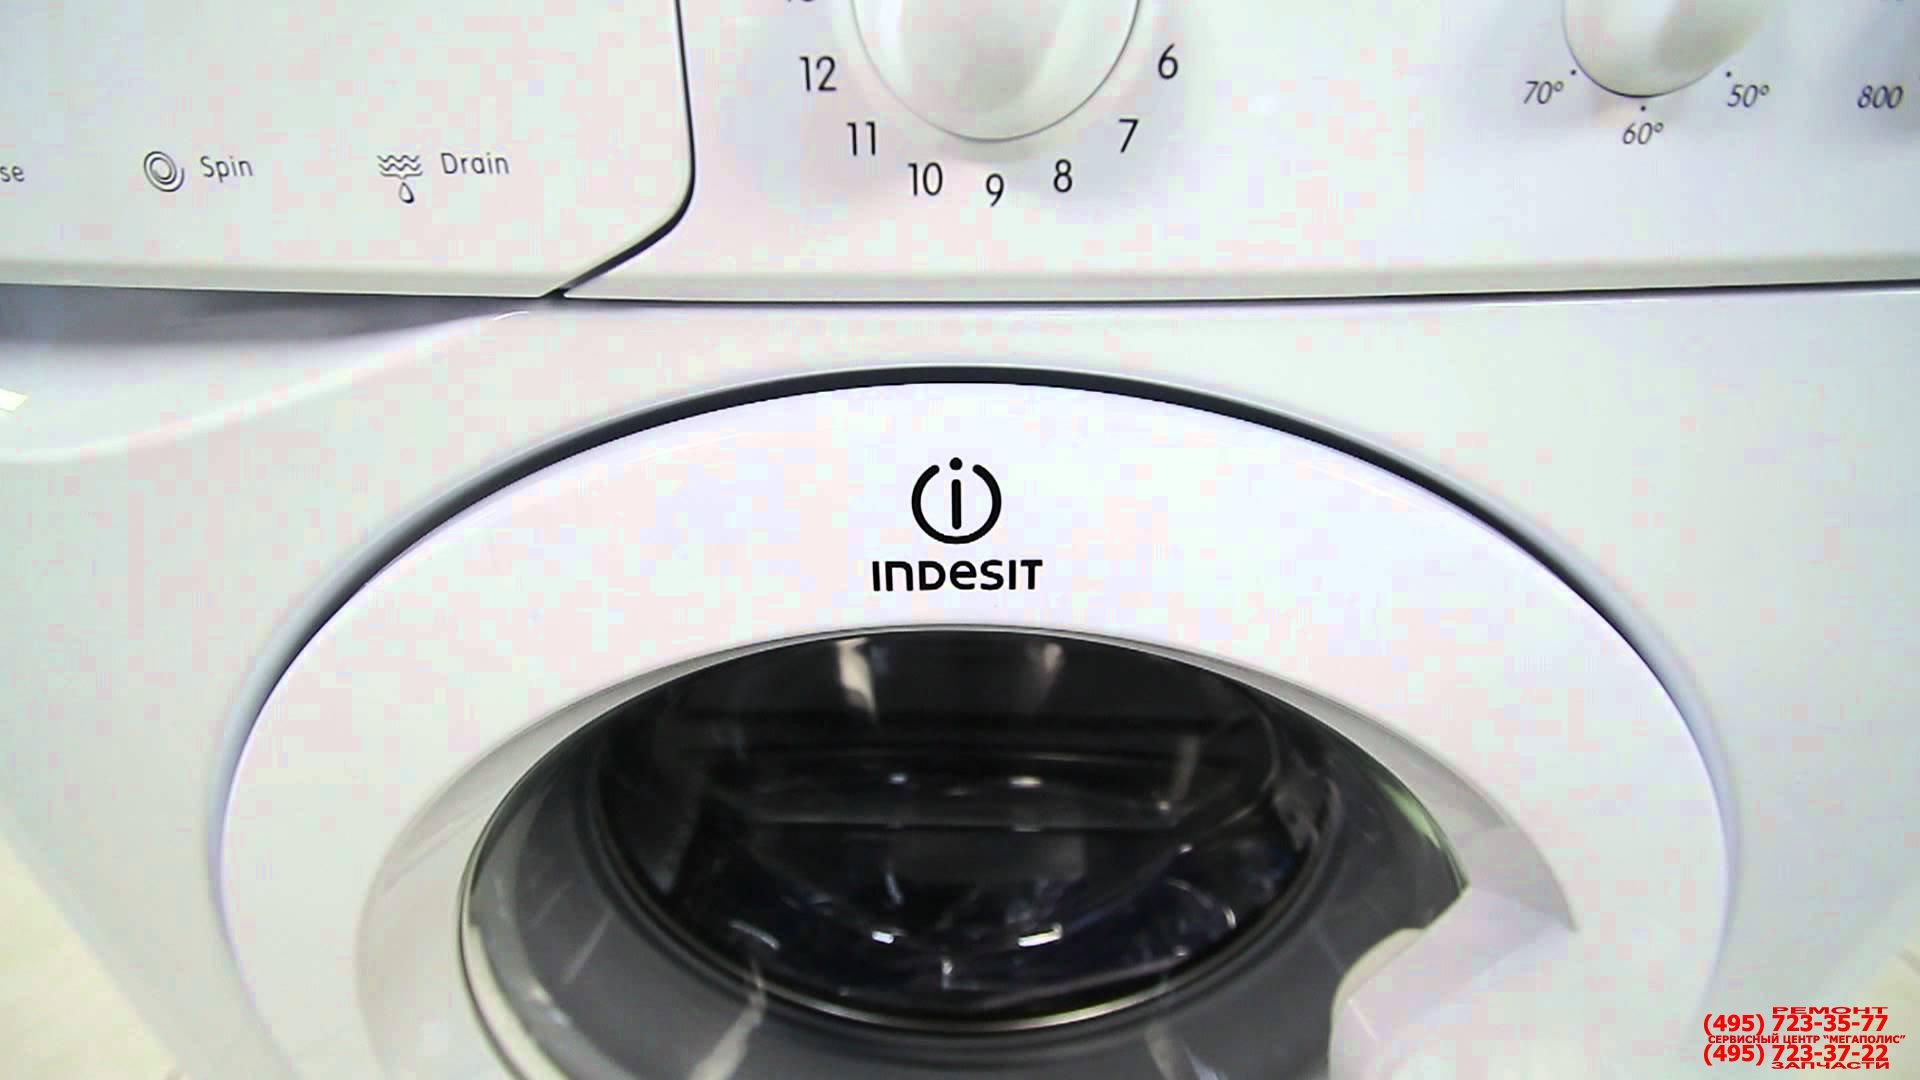 Как отремонтировать стиральную машину индезит своими руками фото 2